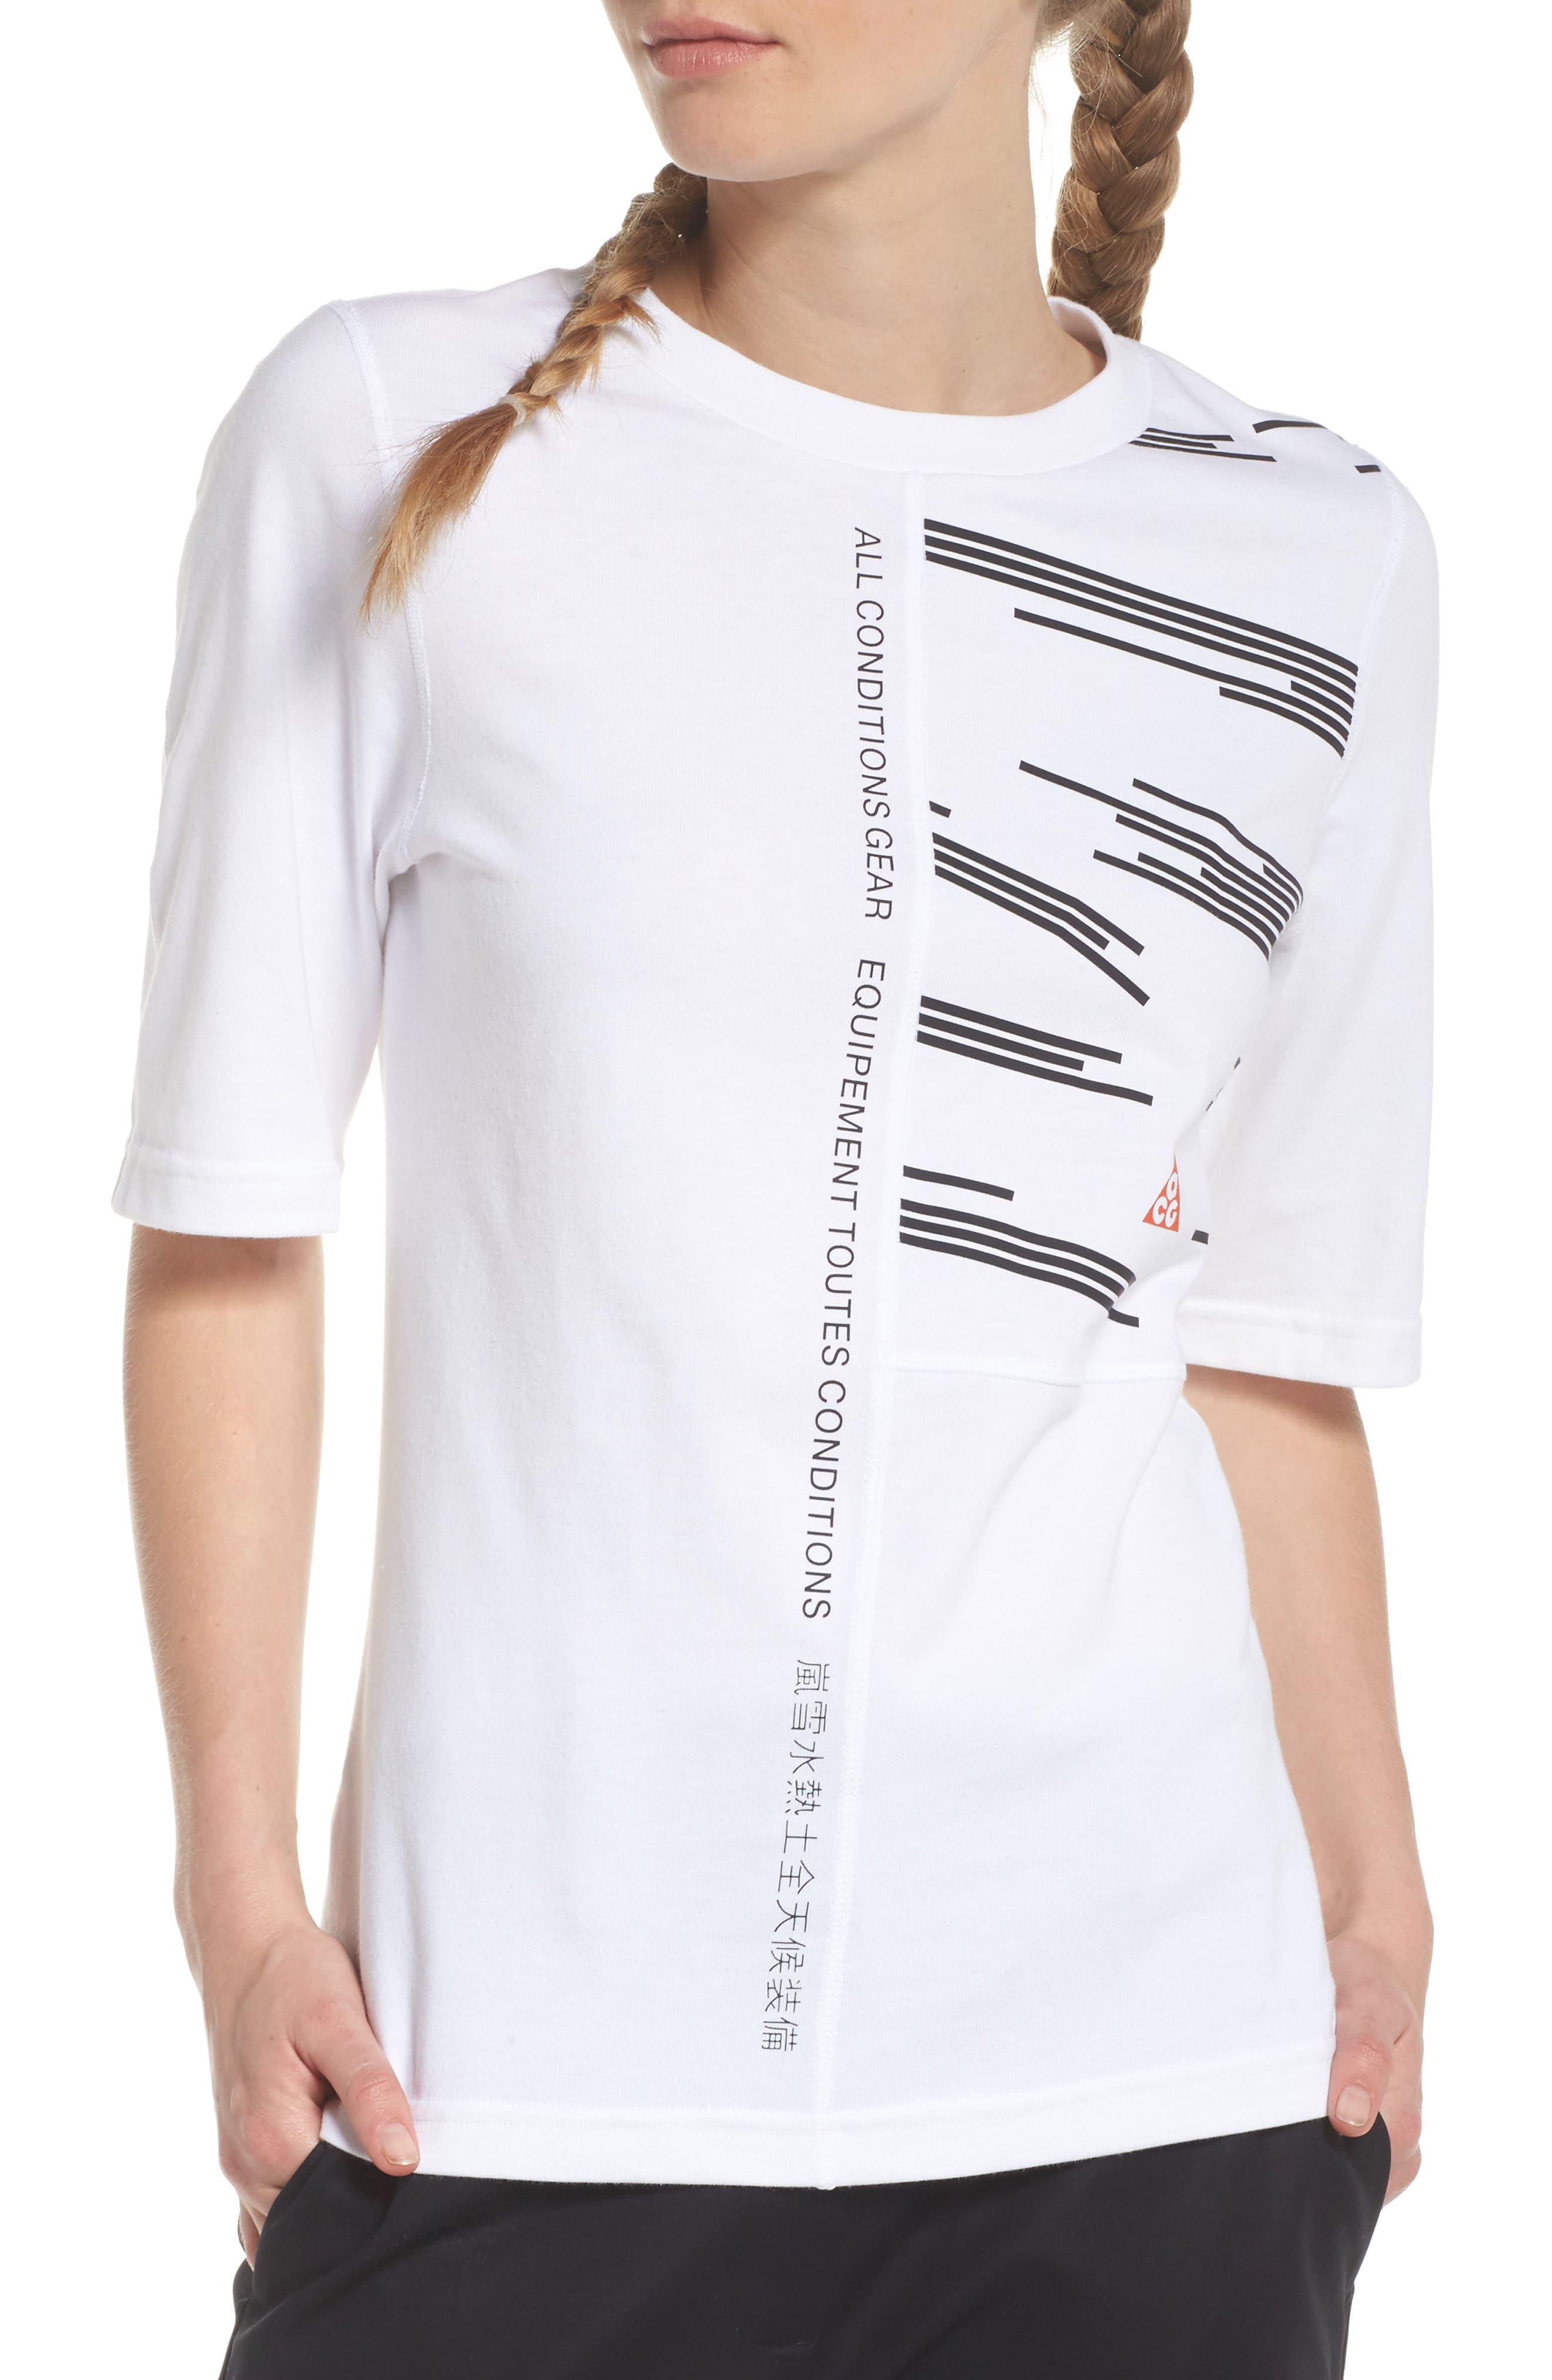 NikeLab AGC Tee,                             Main thumbnail 1, color,                             White/ Black